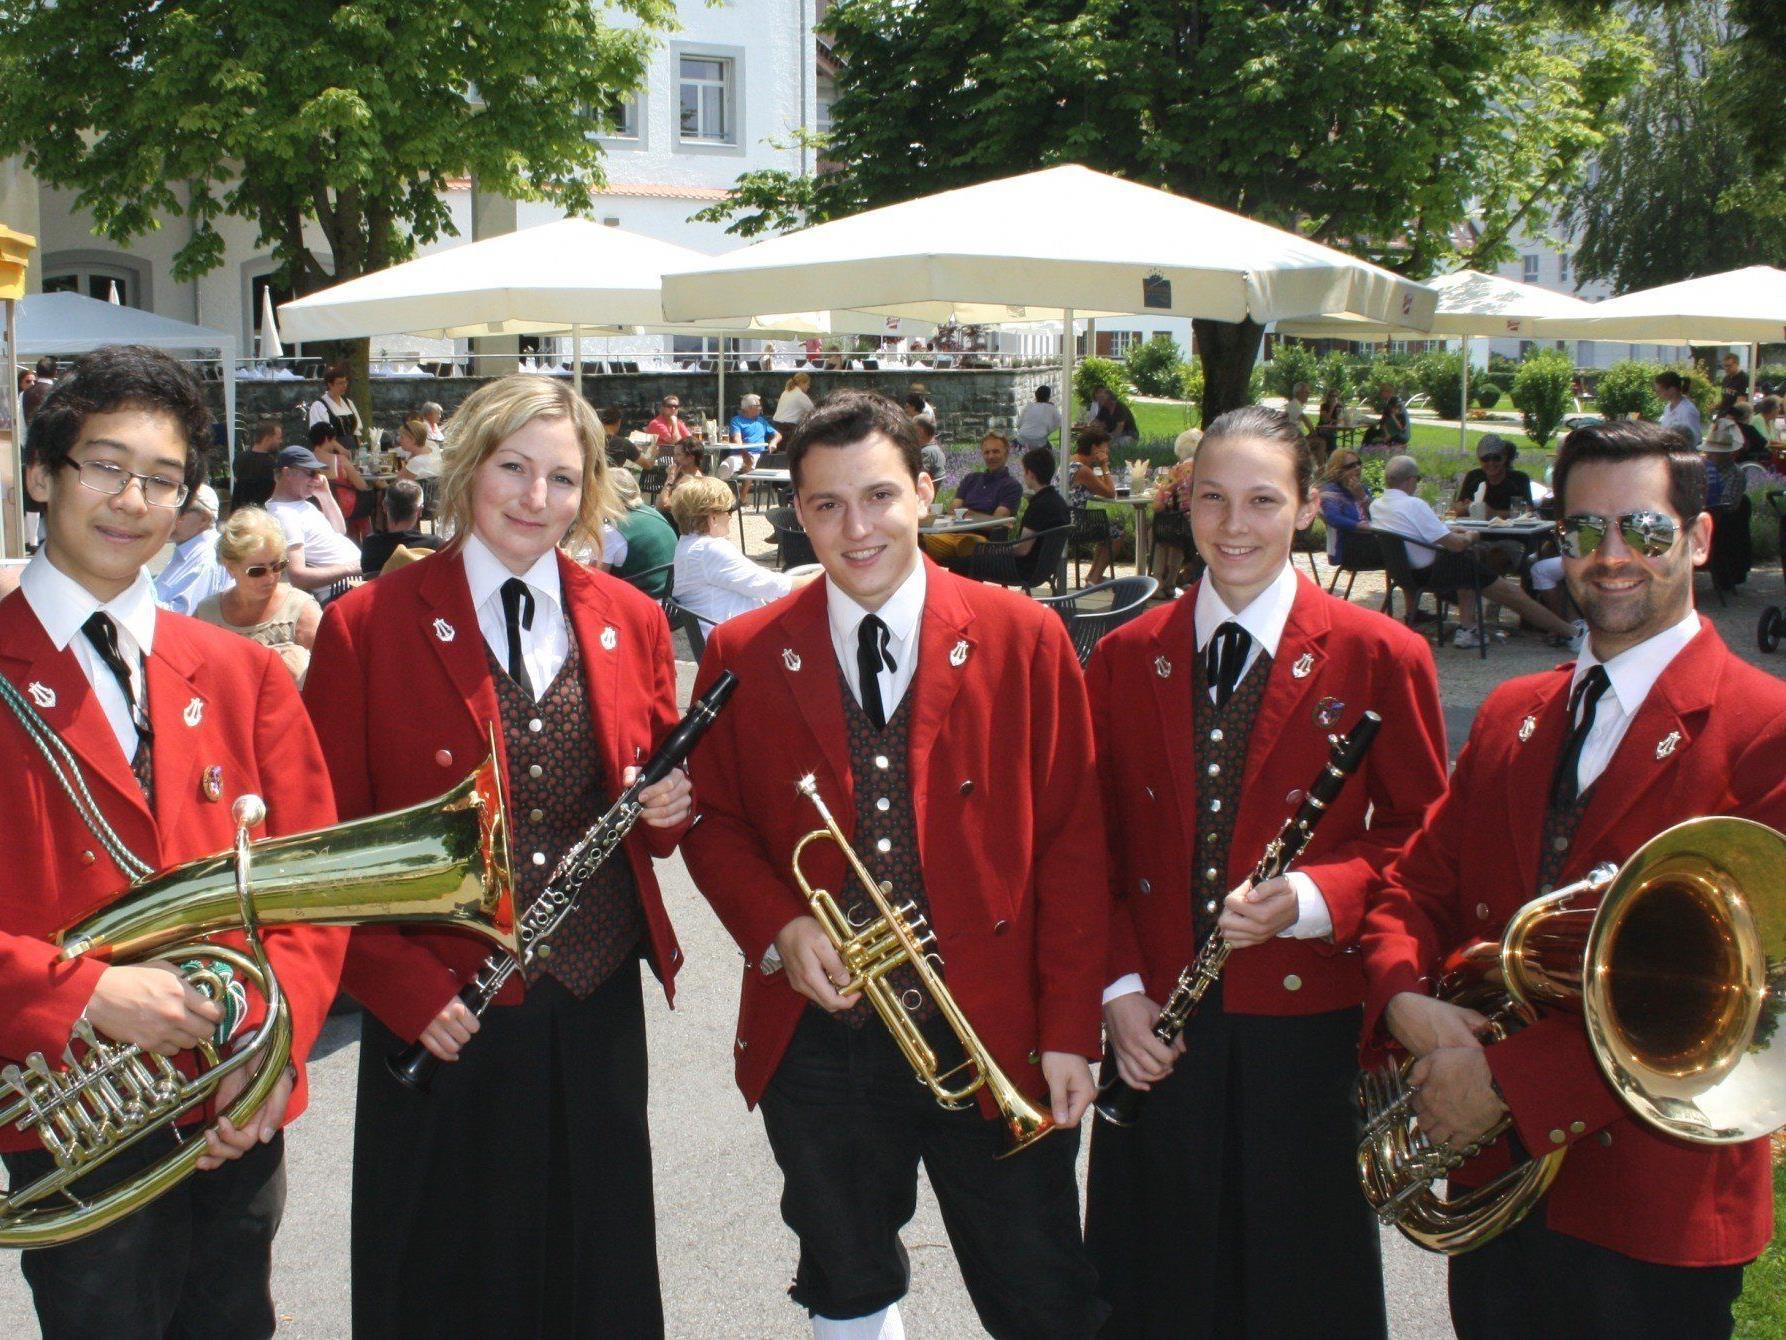 """Der """"Musikverein Lochau"""" begeisterte beim zünftigen Blasmusikfrühschoppen die zahlreichen Gäste im Gastgarten des Seehotel Am Kaiserstrand."""